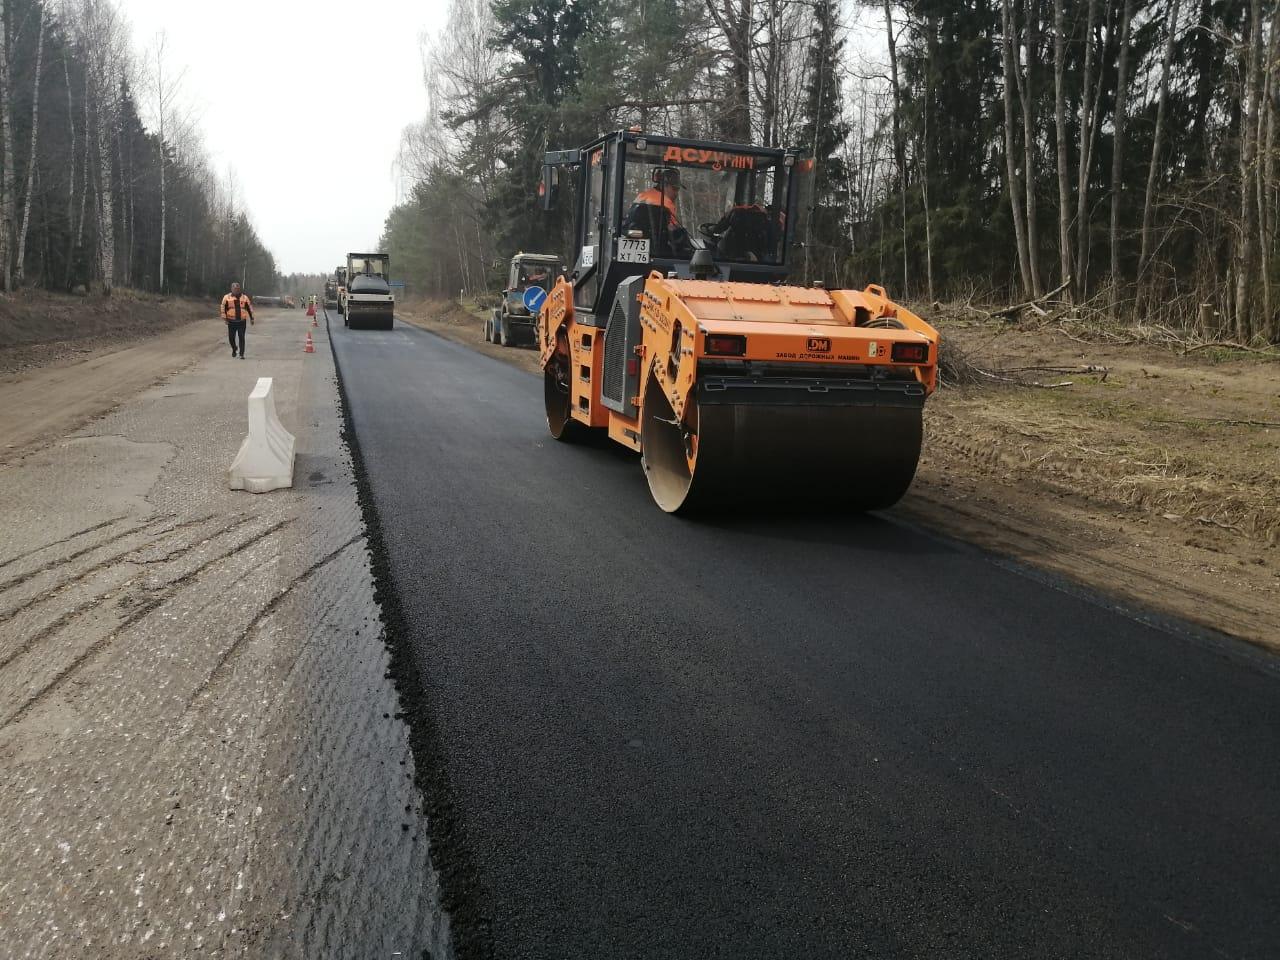 Началась укладка асфальта на дороге между Угличем и Переславлем-Залесским